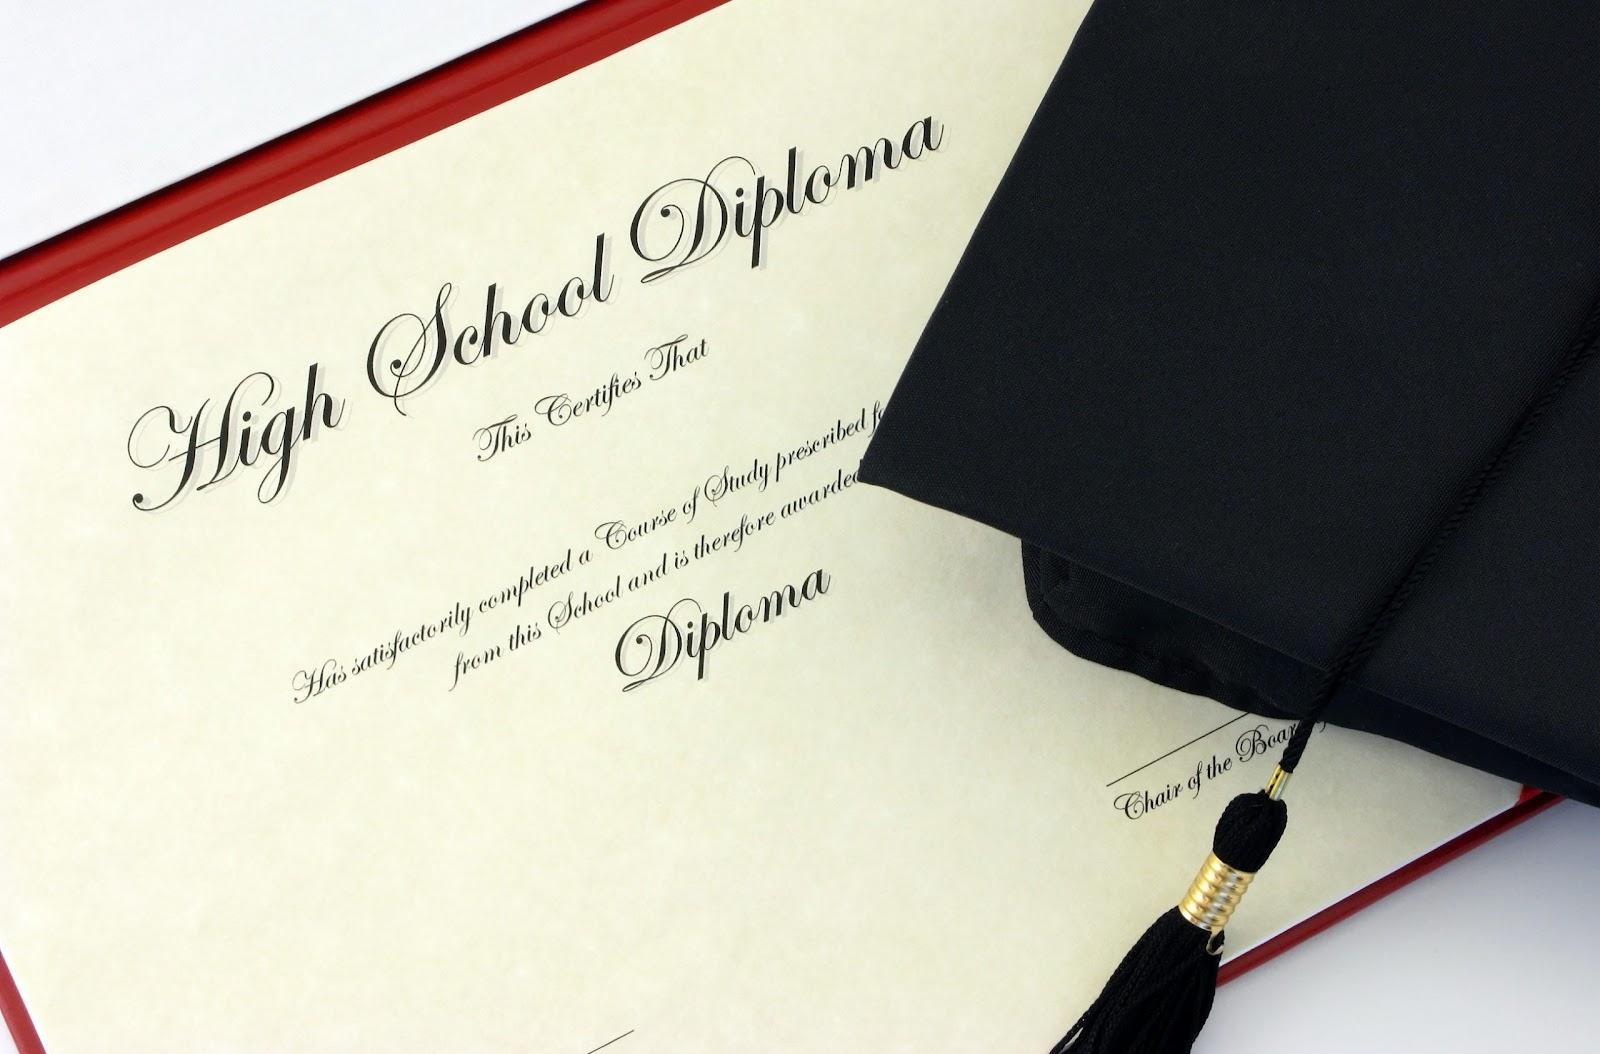 Bằng tốt nghiệp THPT là một trong những điều kiện đi học điều dưỡng Đức bắt buộc có